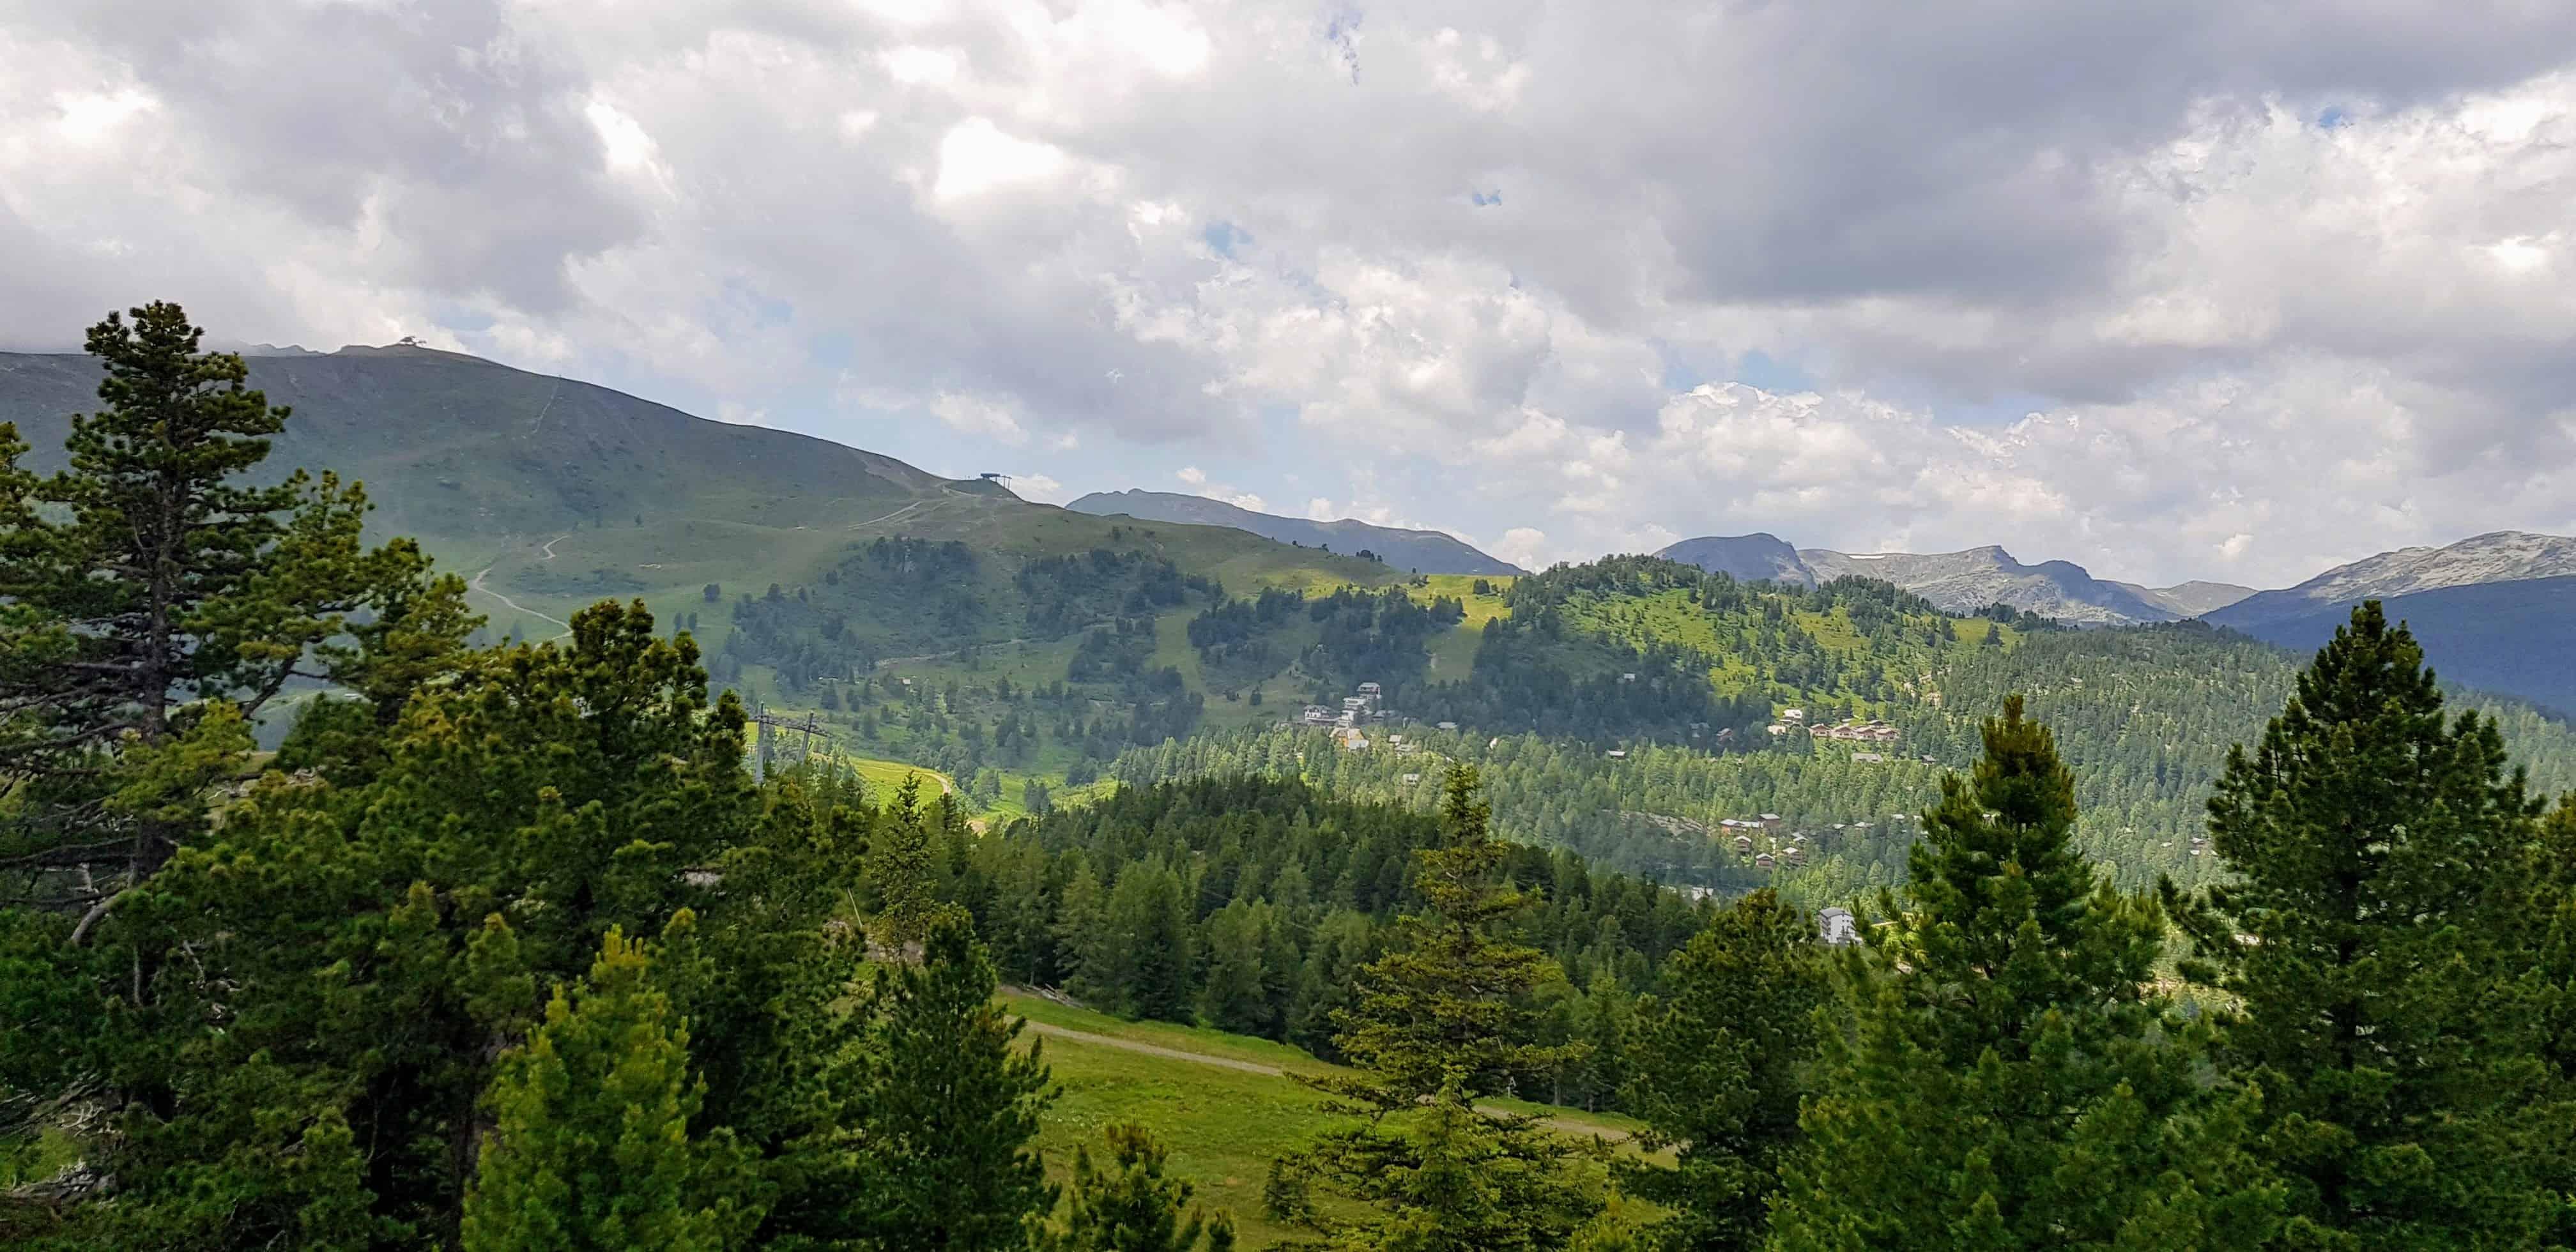 Die schönen Nockberge rund um die Turracher Höhe in Kärnten und Steiermark in Österreich. Beliebtes Wander- und Urlaubsgebiet.